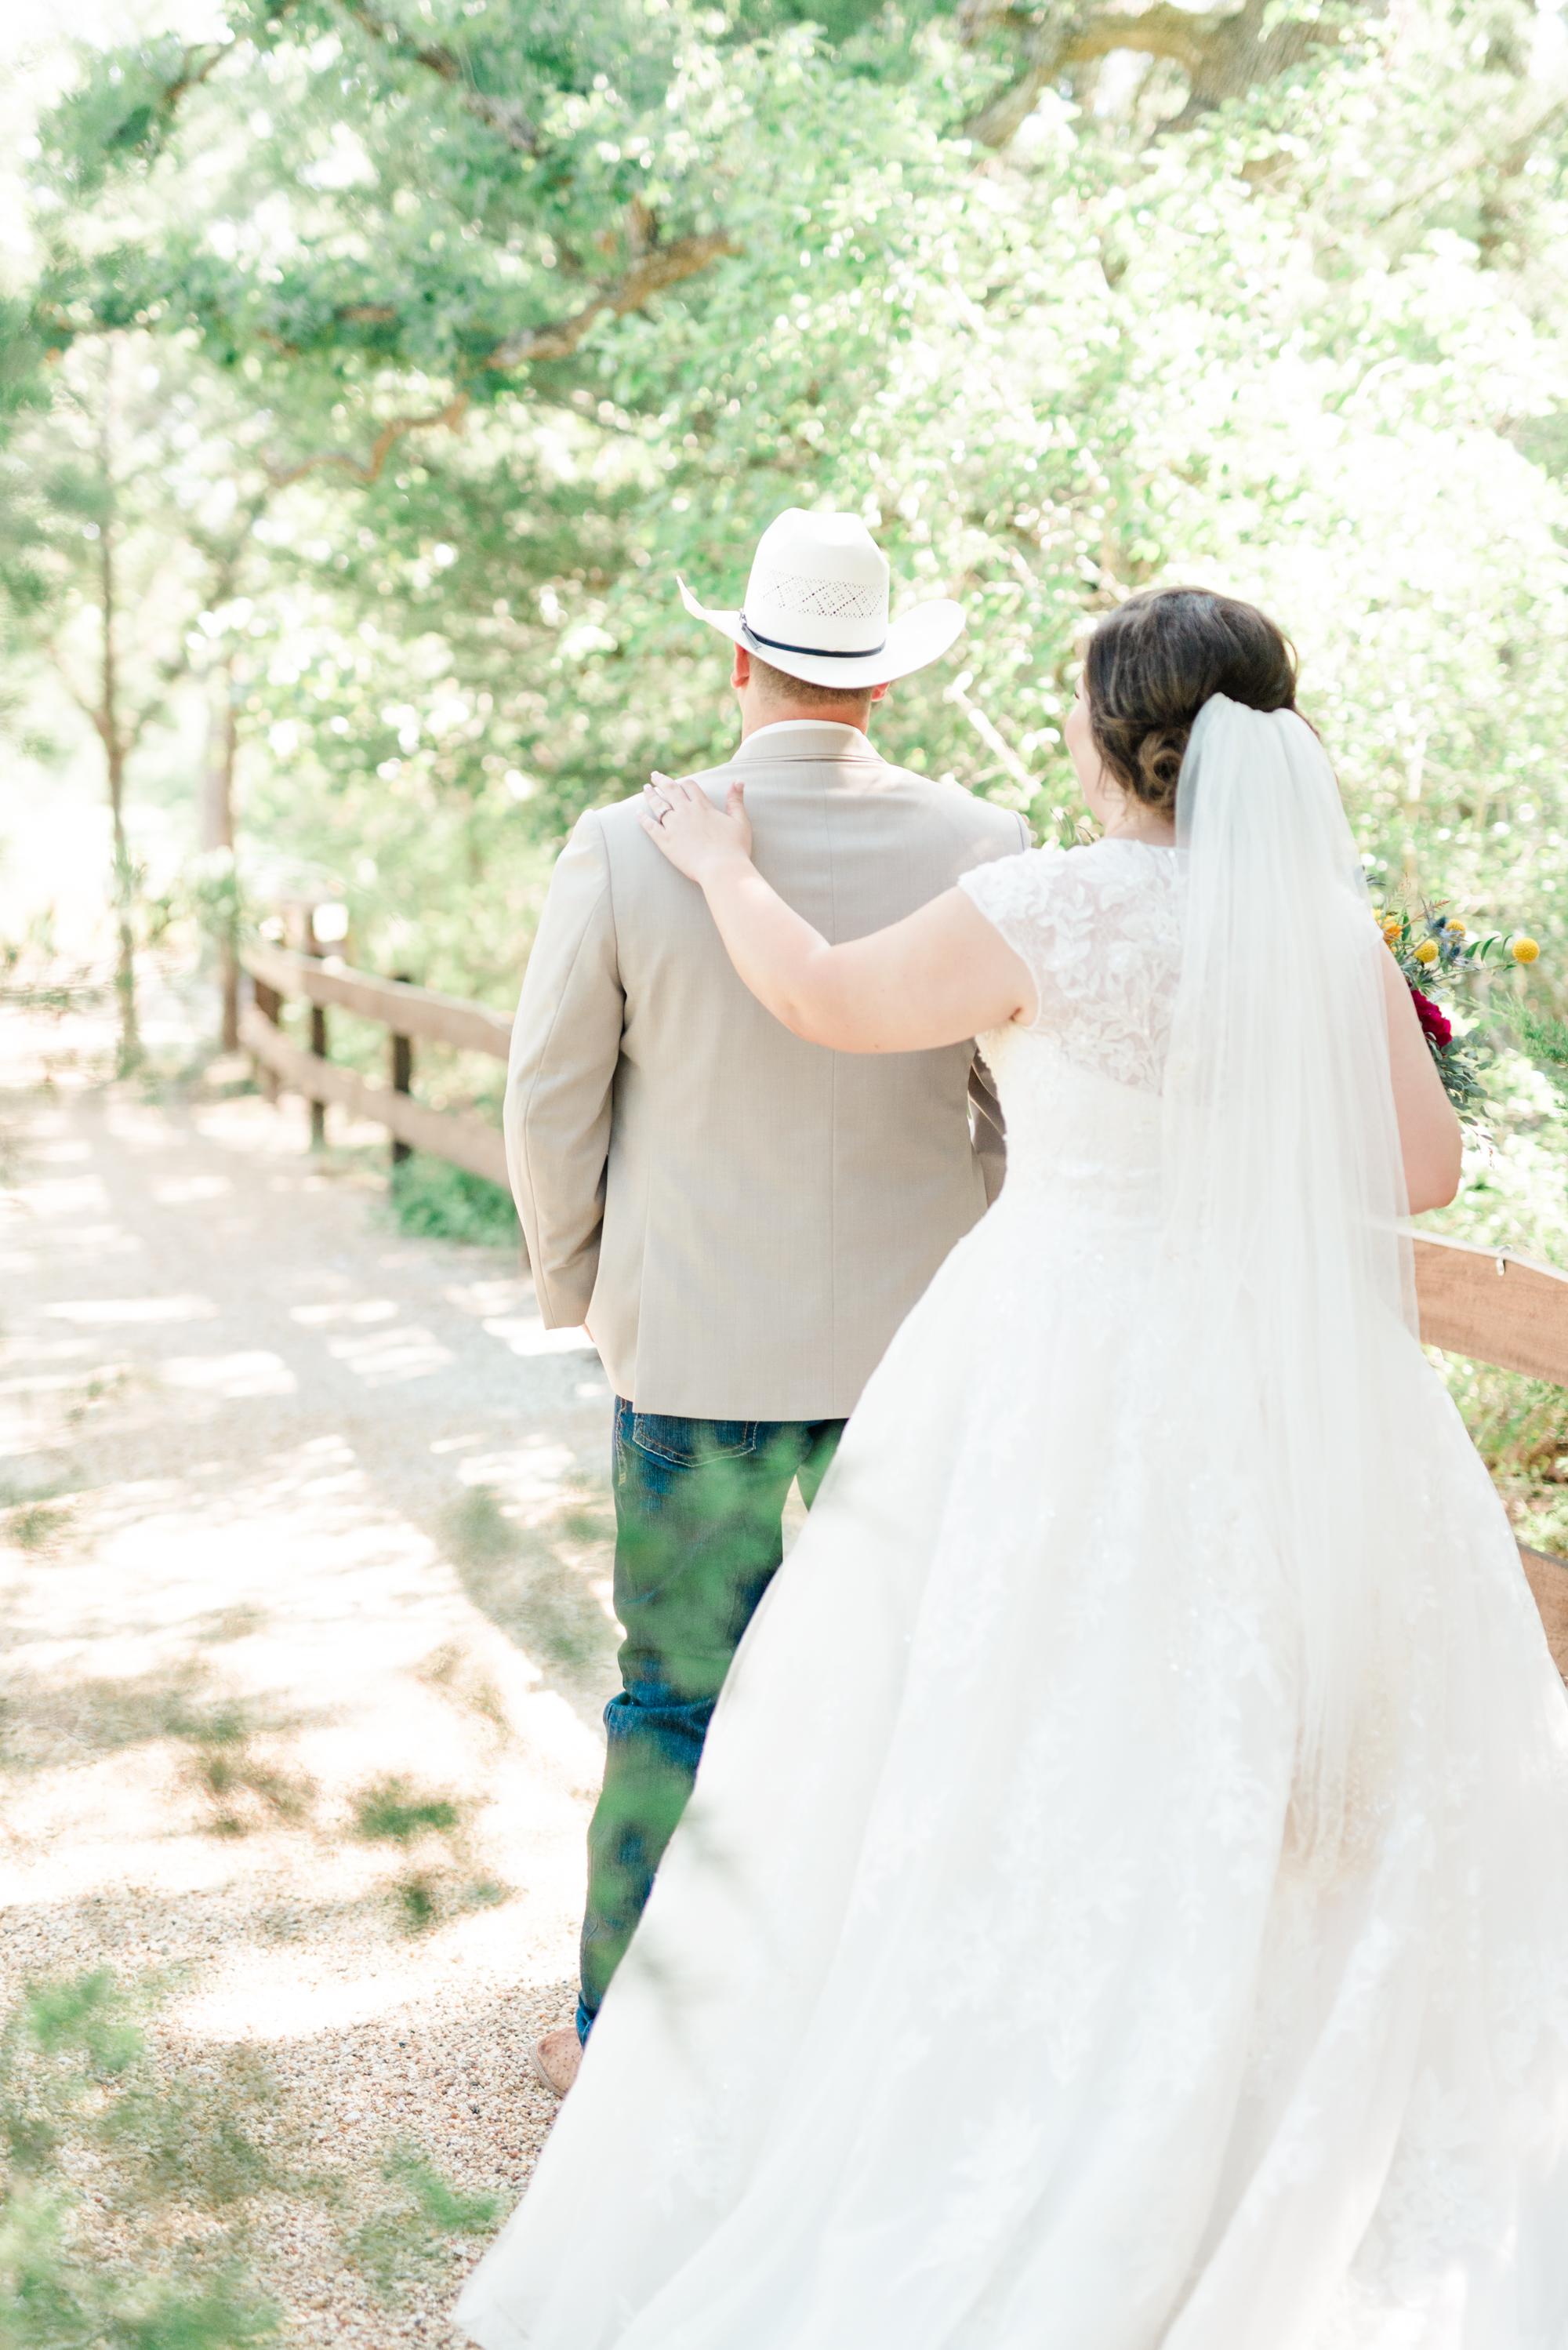 Wesley-Wedding-Ten23-Photography-312.jpg